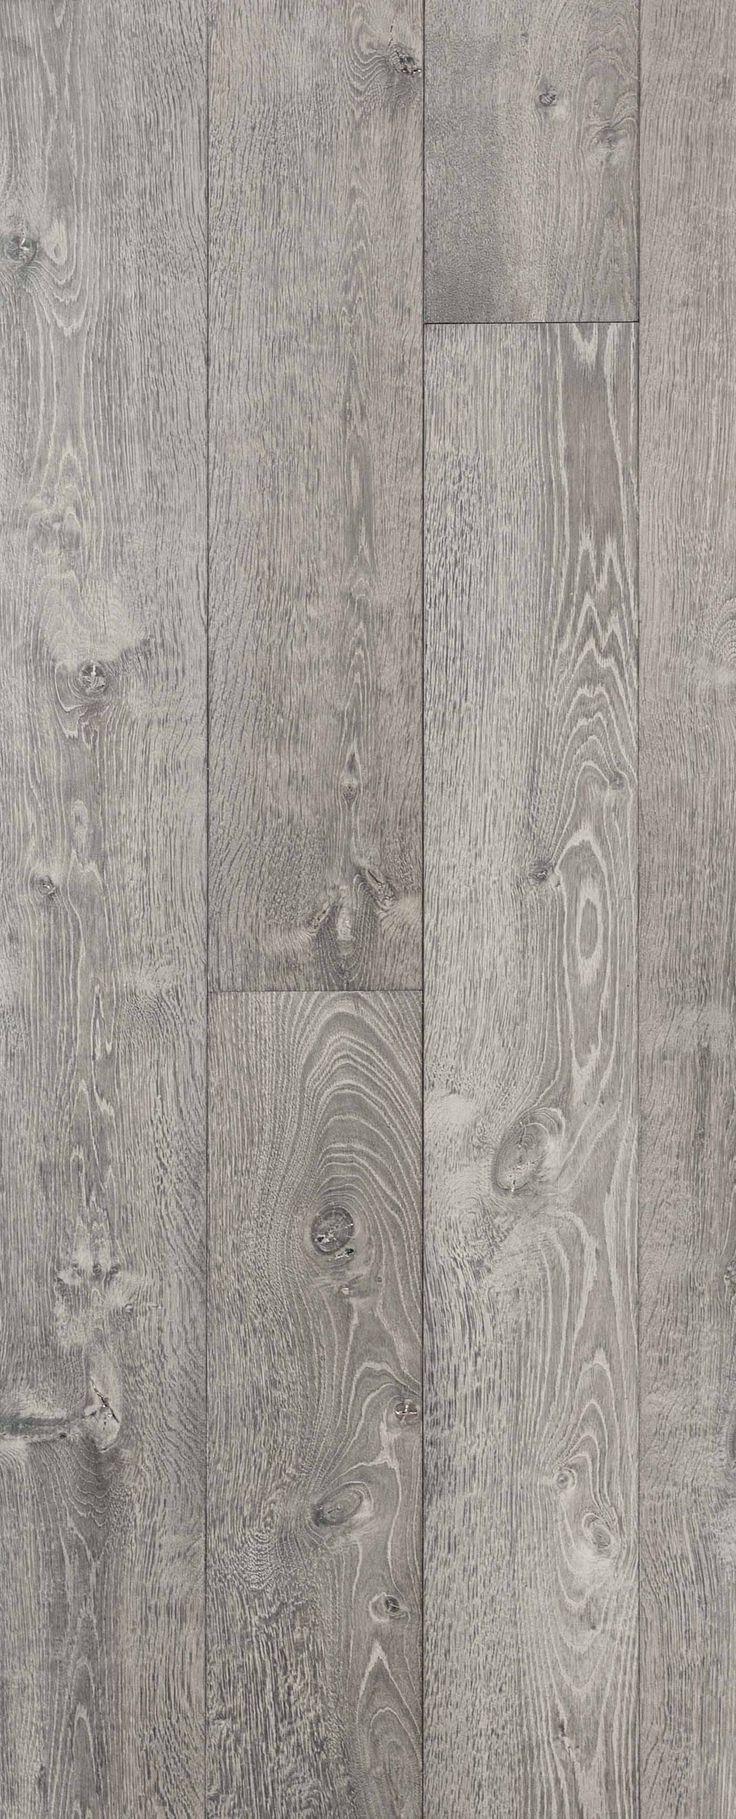 European White Oak -Prime                                                                                                                                                                                 More